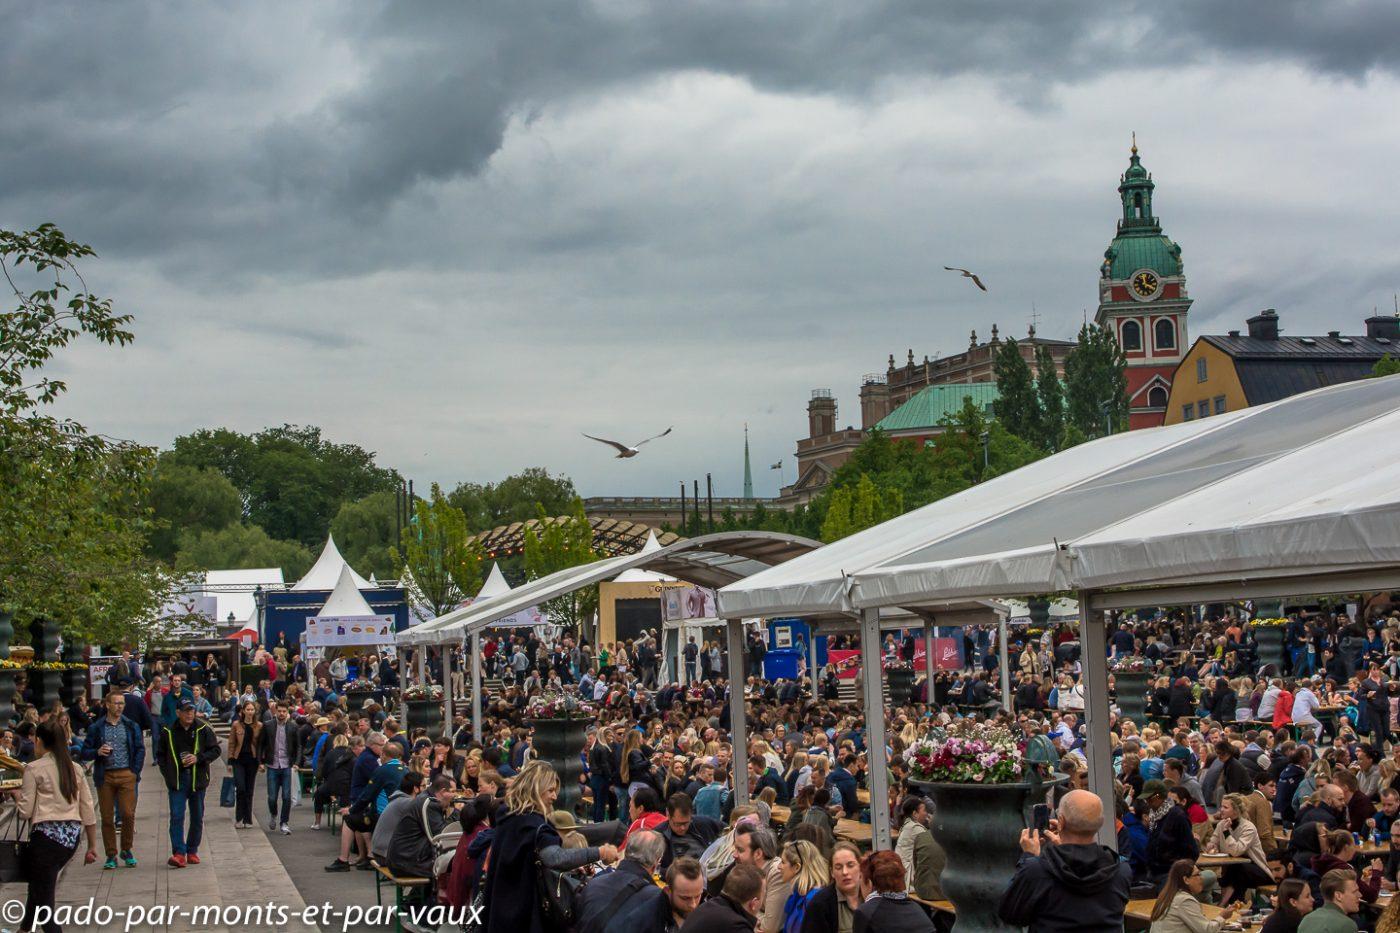 Stockholm - Kungstradgarden